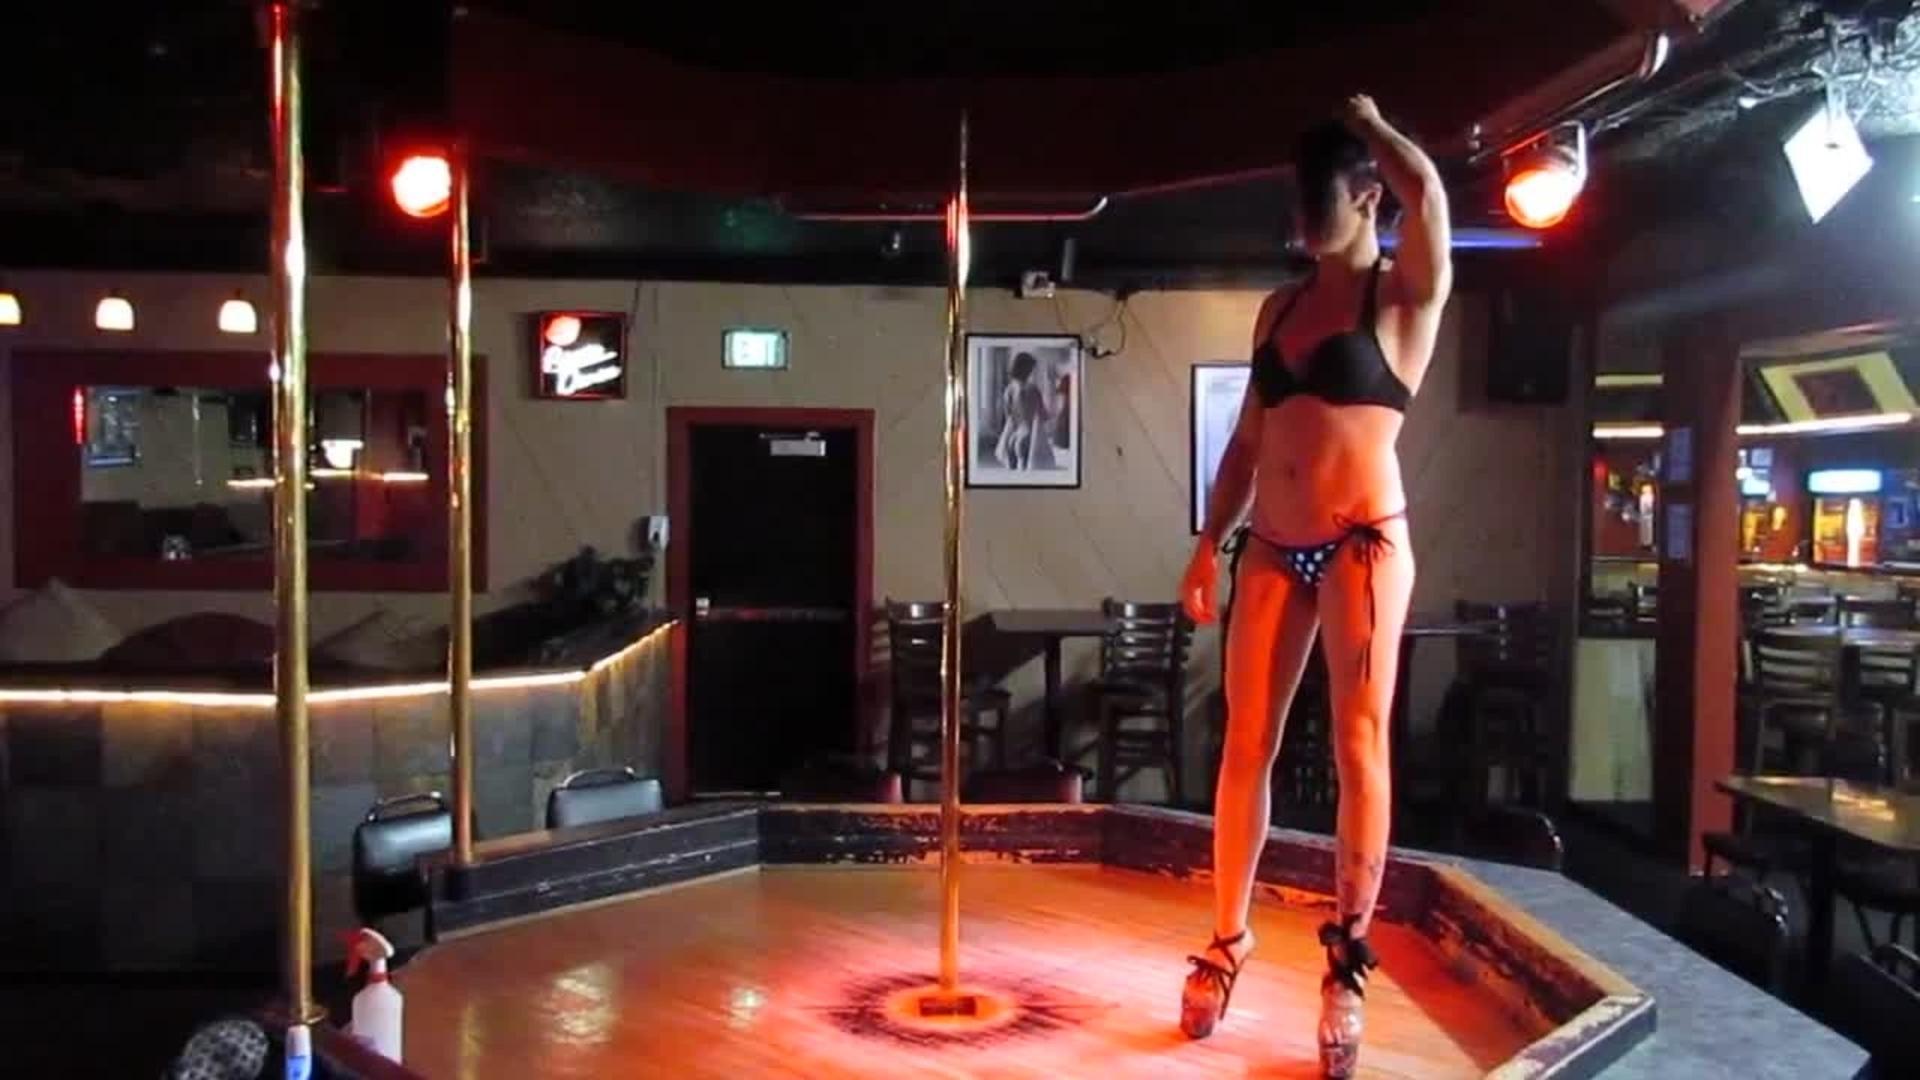 Stripper pole aerobics